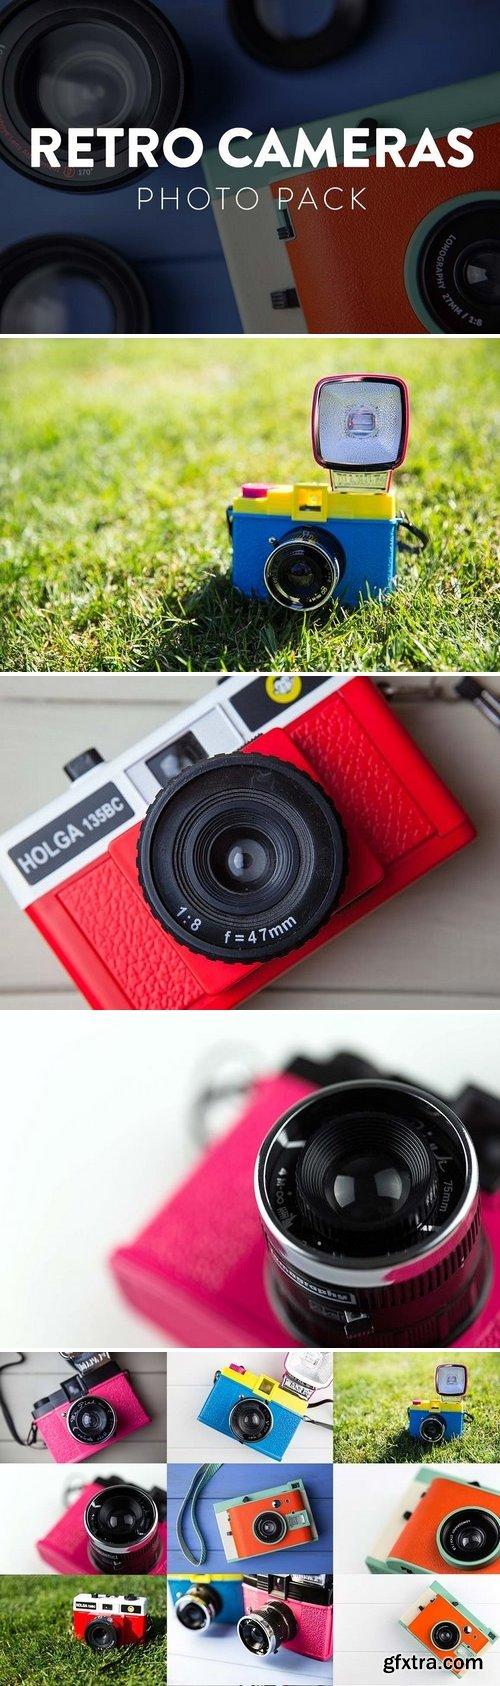 CM - Retro Cameras Photo Pack 563715